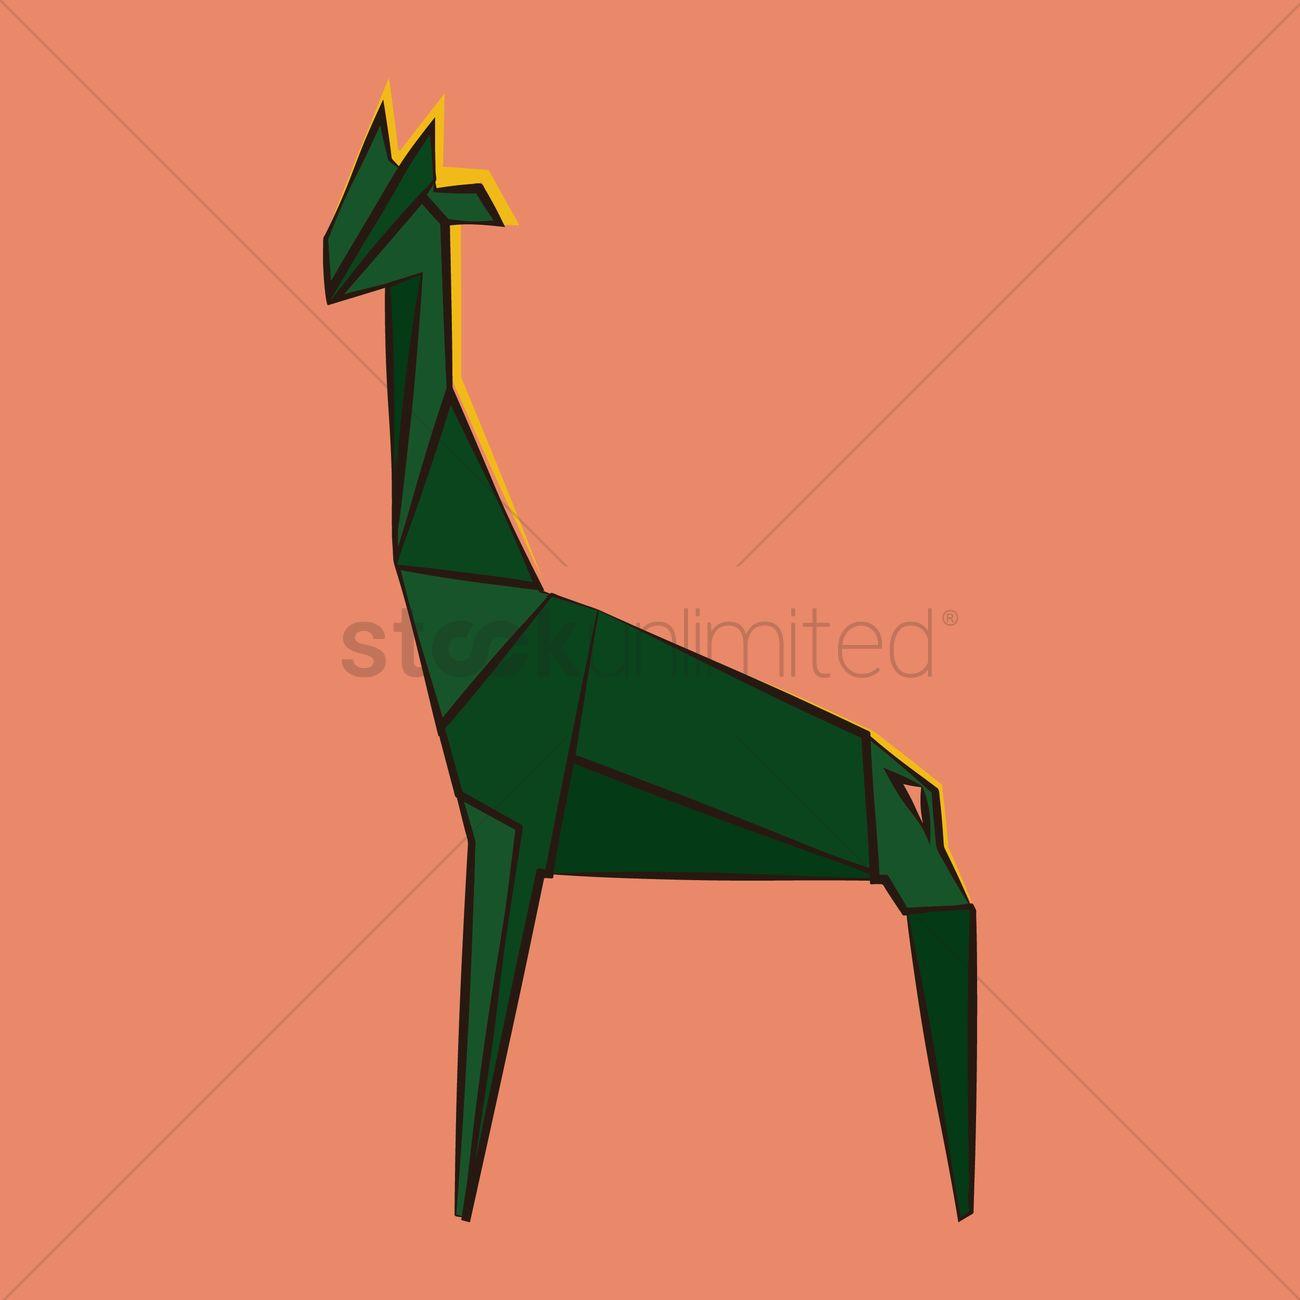 Origami Giraffe Vector Graphic